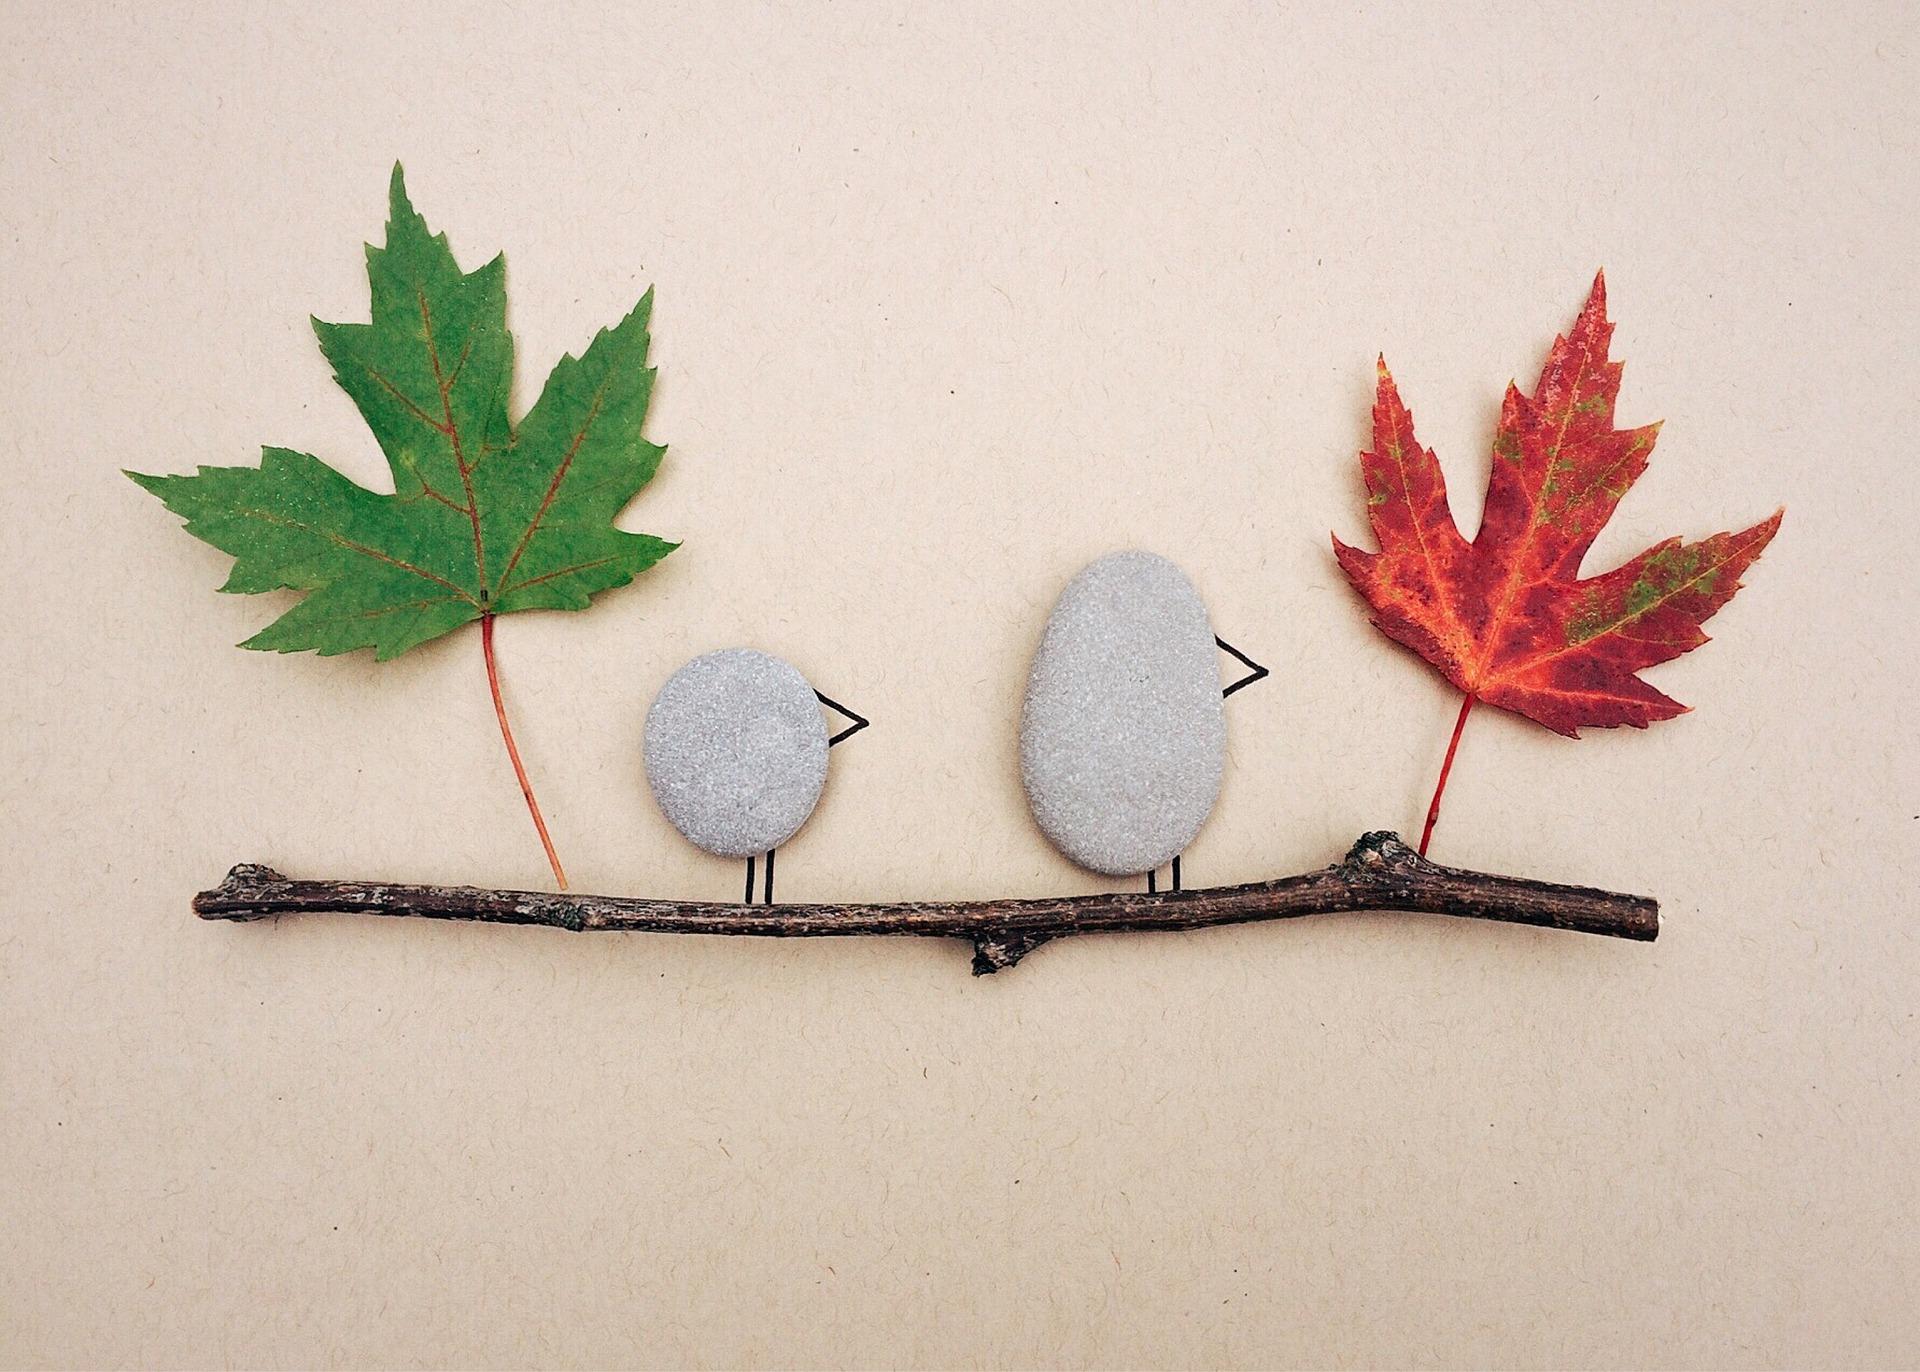 Basteln Mit Naturmaterialien Tolle Ideen Für Den Herbst